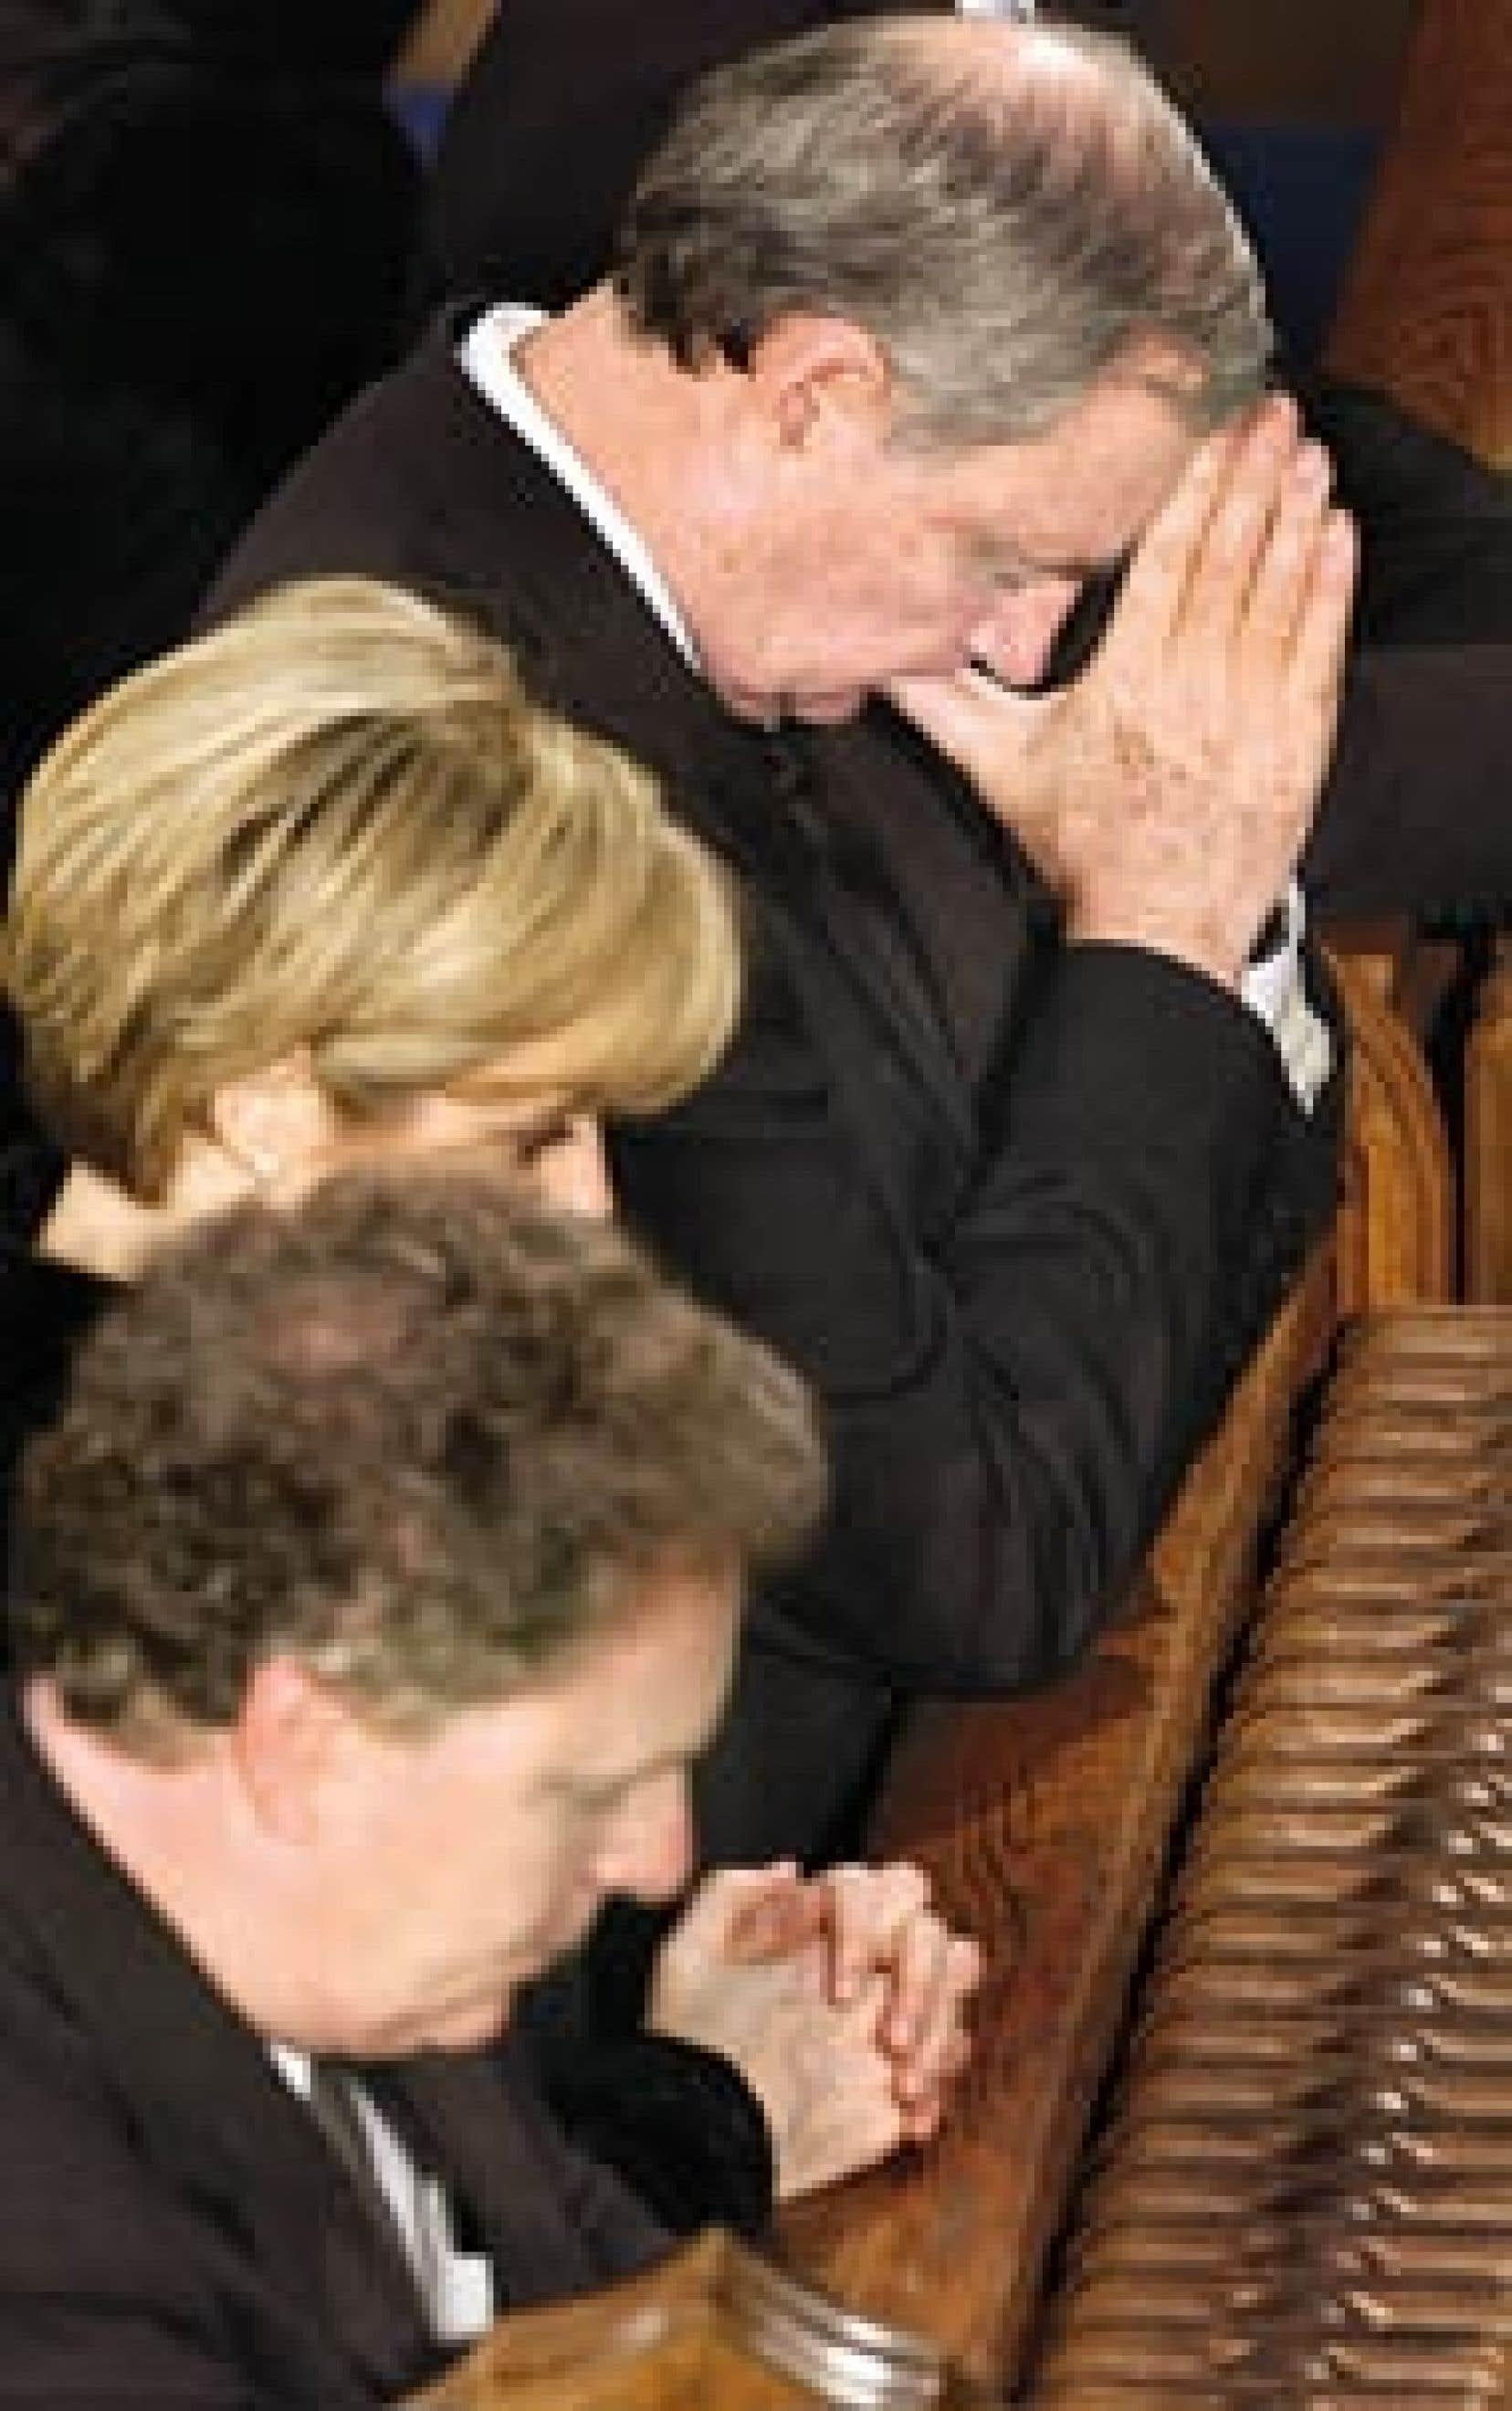 Les funérailles nationales en l'honneur de Claude Ryan ont eu lieu hier à la basilique Notre-Dame. La cérémonie, marquée à la fois par la sobriété et la solennité, a notamment réuni plusieurs personnalités du monde politique, dont les premie